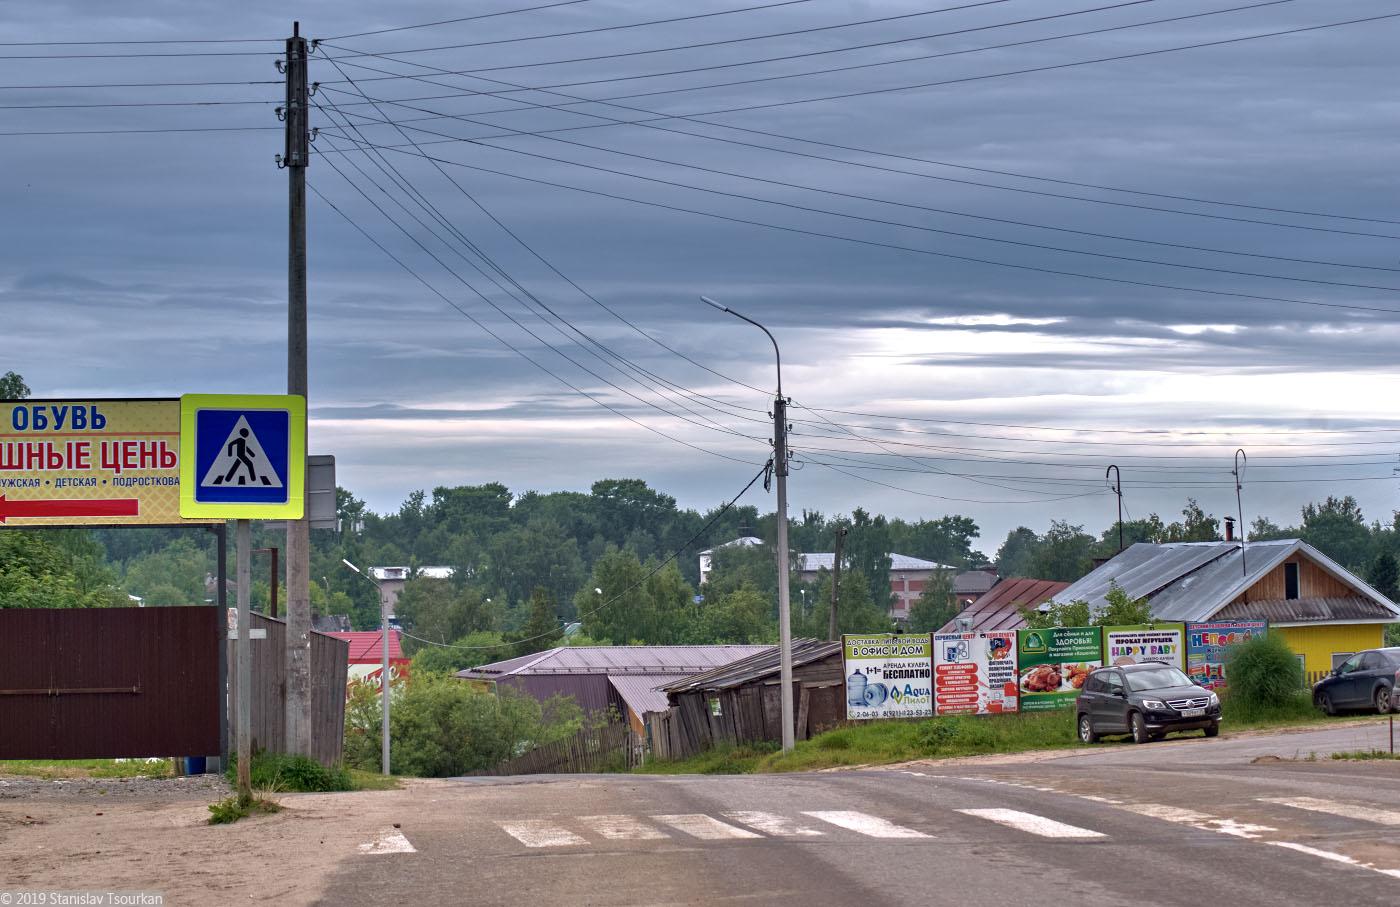 Вологодская область, Вологодчина, Великий устюг, Русский север, улица Виноградова